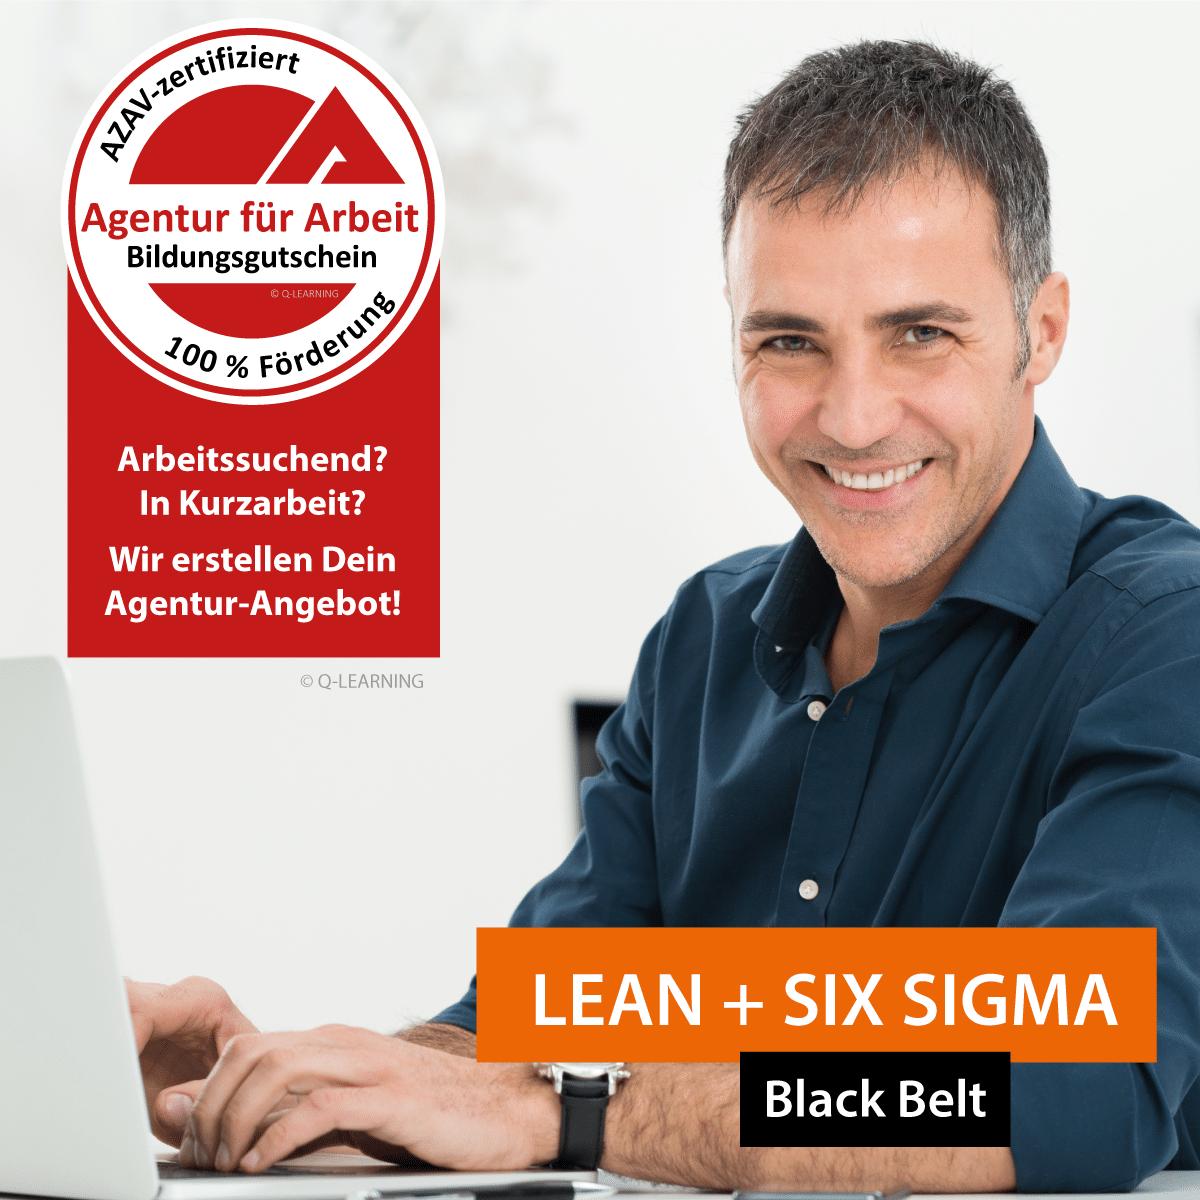 LEAN SIX SIGMA Black Belt Agentur für Arbeit Bildungsgutschein